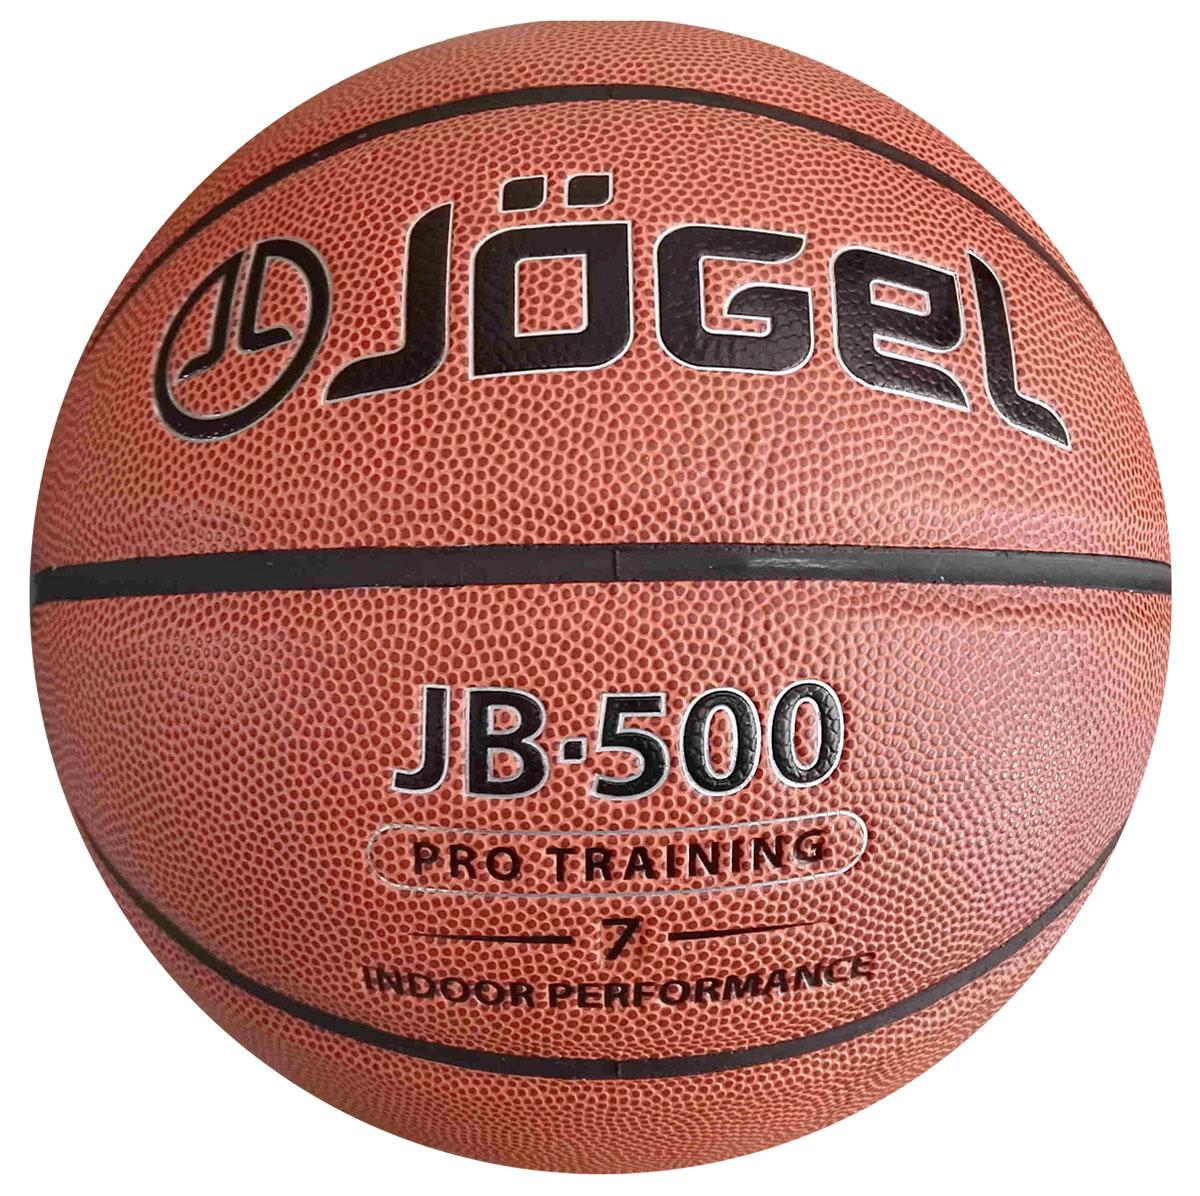 Мяч баскетбольный Jogel, цвет: коричневый. Размер 7. JB-500УТ-00009330Название: Мяч баскетбольный Jgel JB-500 №7 Уровень: Тренировочно-игровой мяч Серия: PRO TRAINING Категория: INDOOR Описание: Jogel JB-500 №7 . Благодаря технологии DeepChannel (глубокие каналы), используемой при производстве мячей Jogel, достигается лучший контроля мяча во время броска и дриблинга. Размер №7 предназначается для мужчин и юношей от 17 лет, официальный размер для соревнований мужских команд. Данный мяч рекомендован для тренировок команд среднего и высокого уровня, а также соревнований любительских и средних команд. Данный мяч прекрасно подходит для поставок на гос. тендеры, образовательные учреждения и спортивные секции. Официальный размер и вес FIBA. Рекомендованные покрытия: Паркет Материал поверхности: Синтетическая кожа (полиуретан) Материал камеры: Бутил Тип соединения панелей: Клееный Количество панелей: 8 Размер: 7 Вес: 567-650 гр. Длина окружности: 75-78 см Рекомендованное давление: 0.5-0.6 бар Количество в коробке: 24 шт. Основной цвет: Коричневый ...